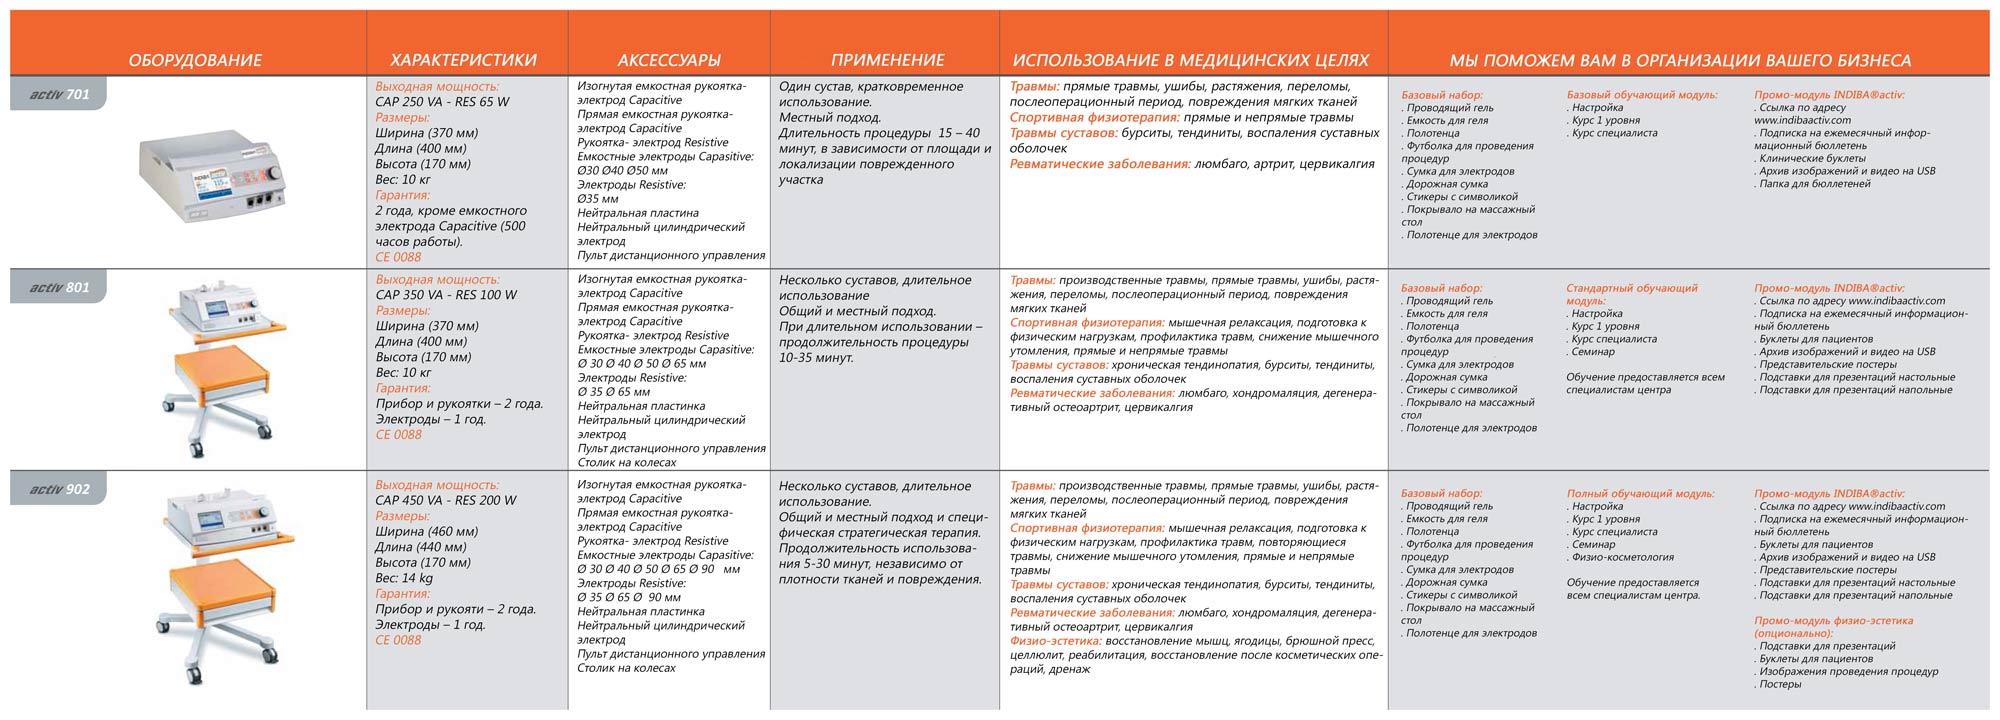 Сравнительная таблица аппаратов INDIBA